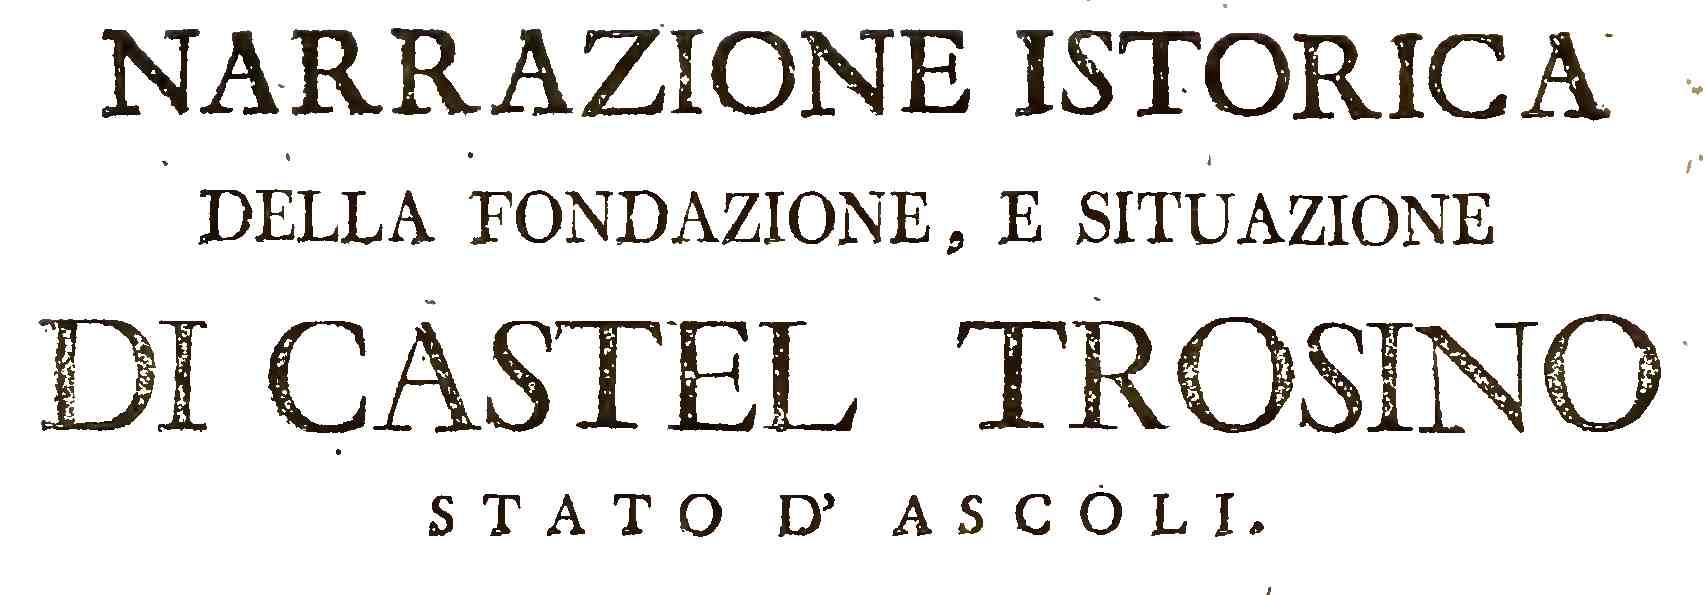 historia colucci